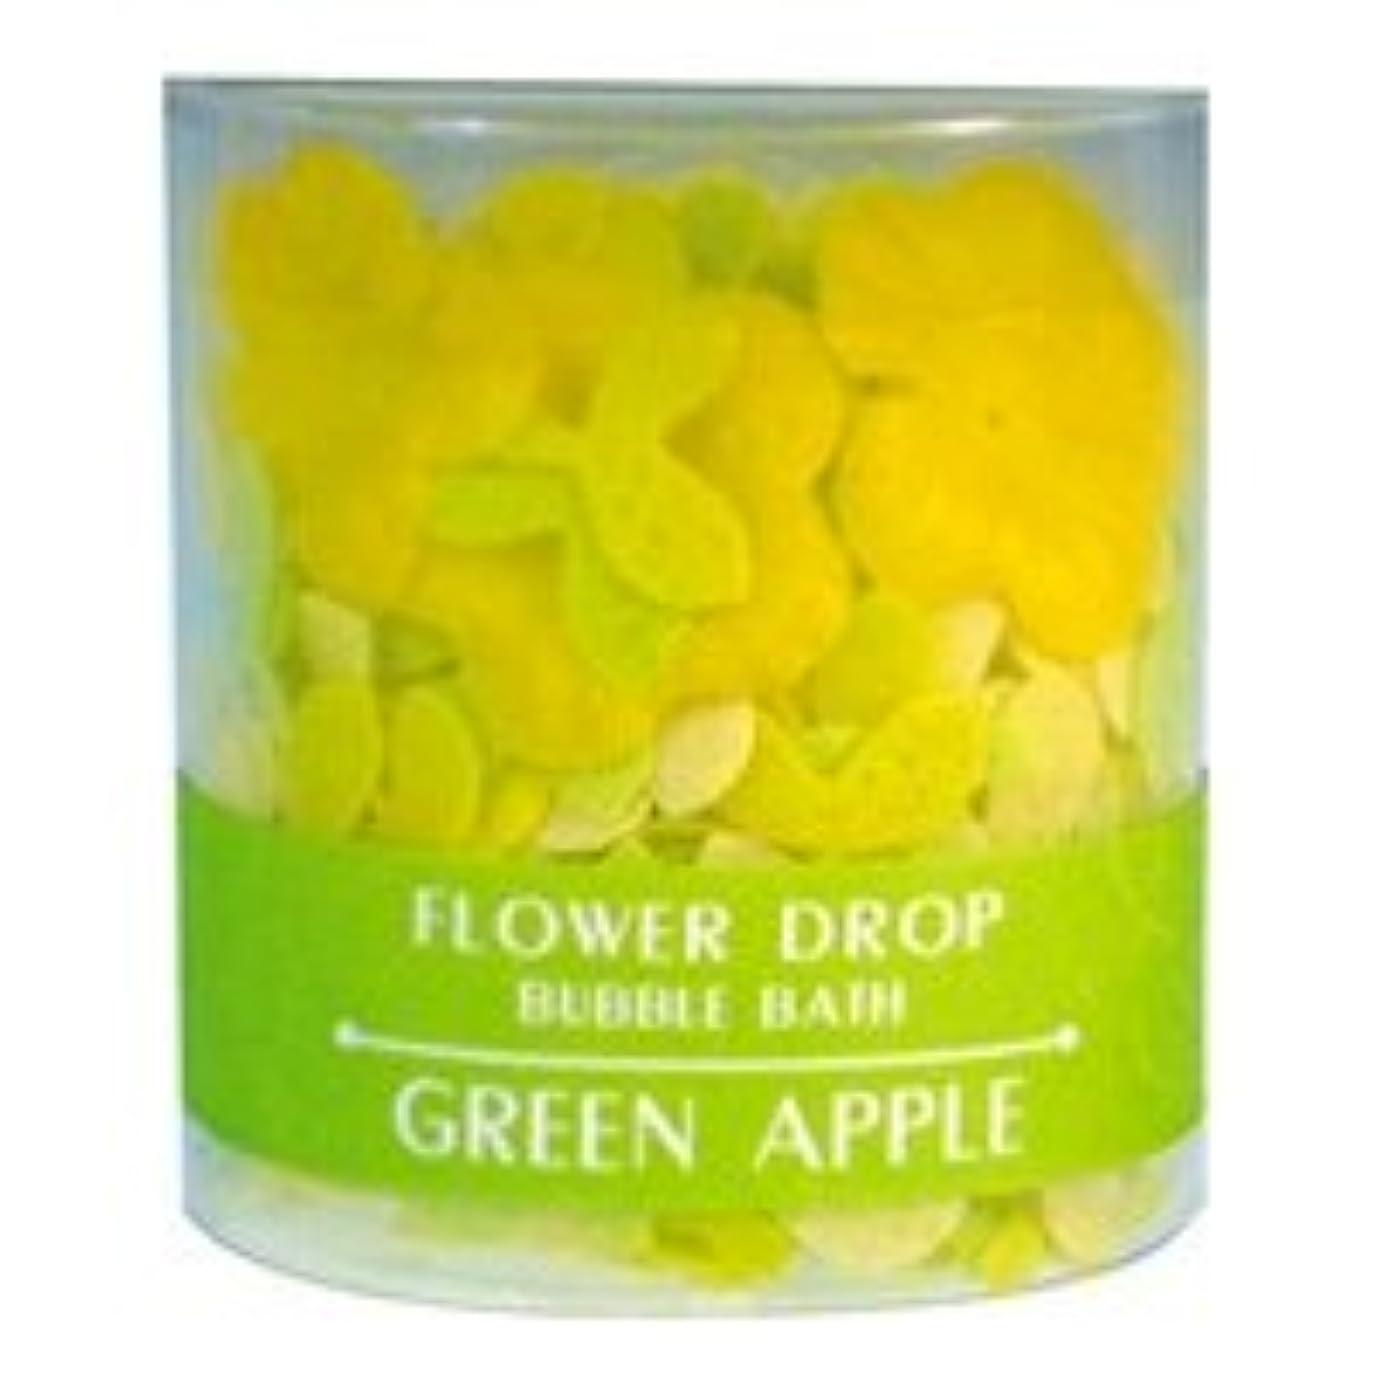 軽量符号収縮フラワードロップ「グリーンアップル」20個セット 二葉の形のペタル